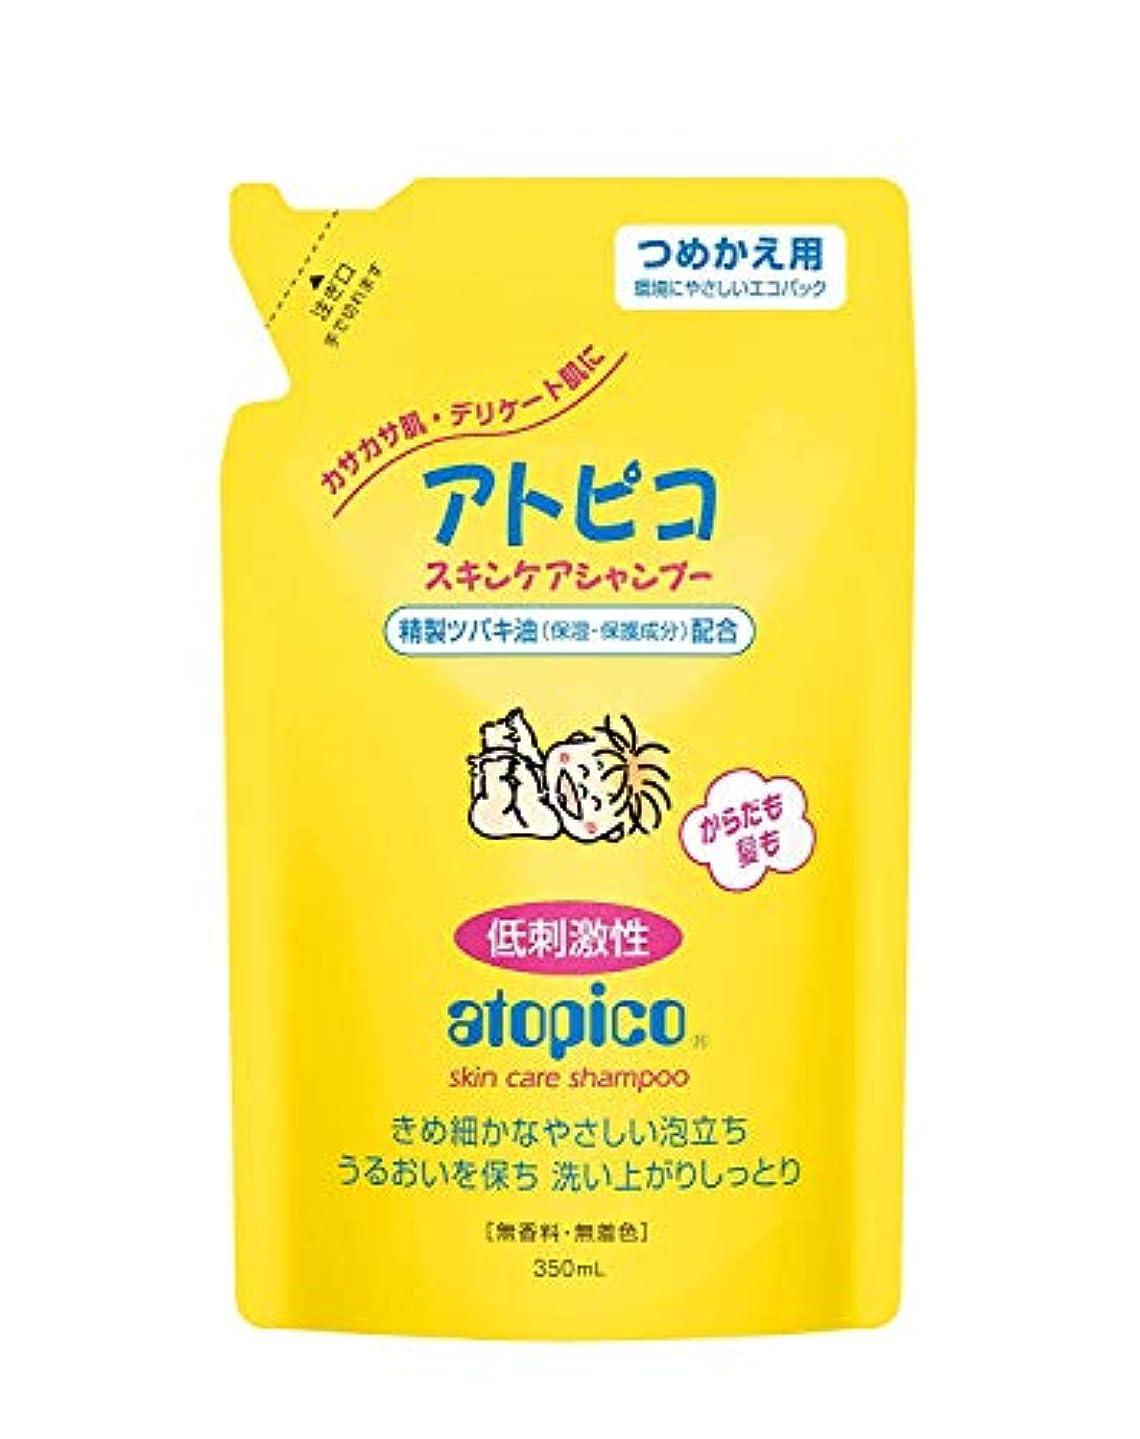 レオナルドダタービンやさしく【アトピコ】スキンケアシャンプー替 350ml ×20個セット